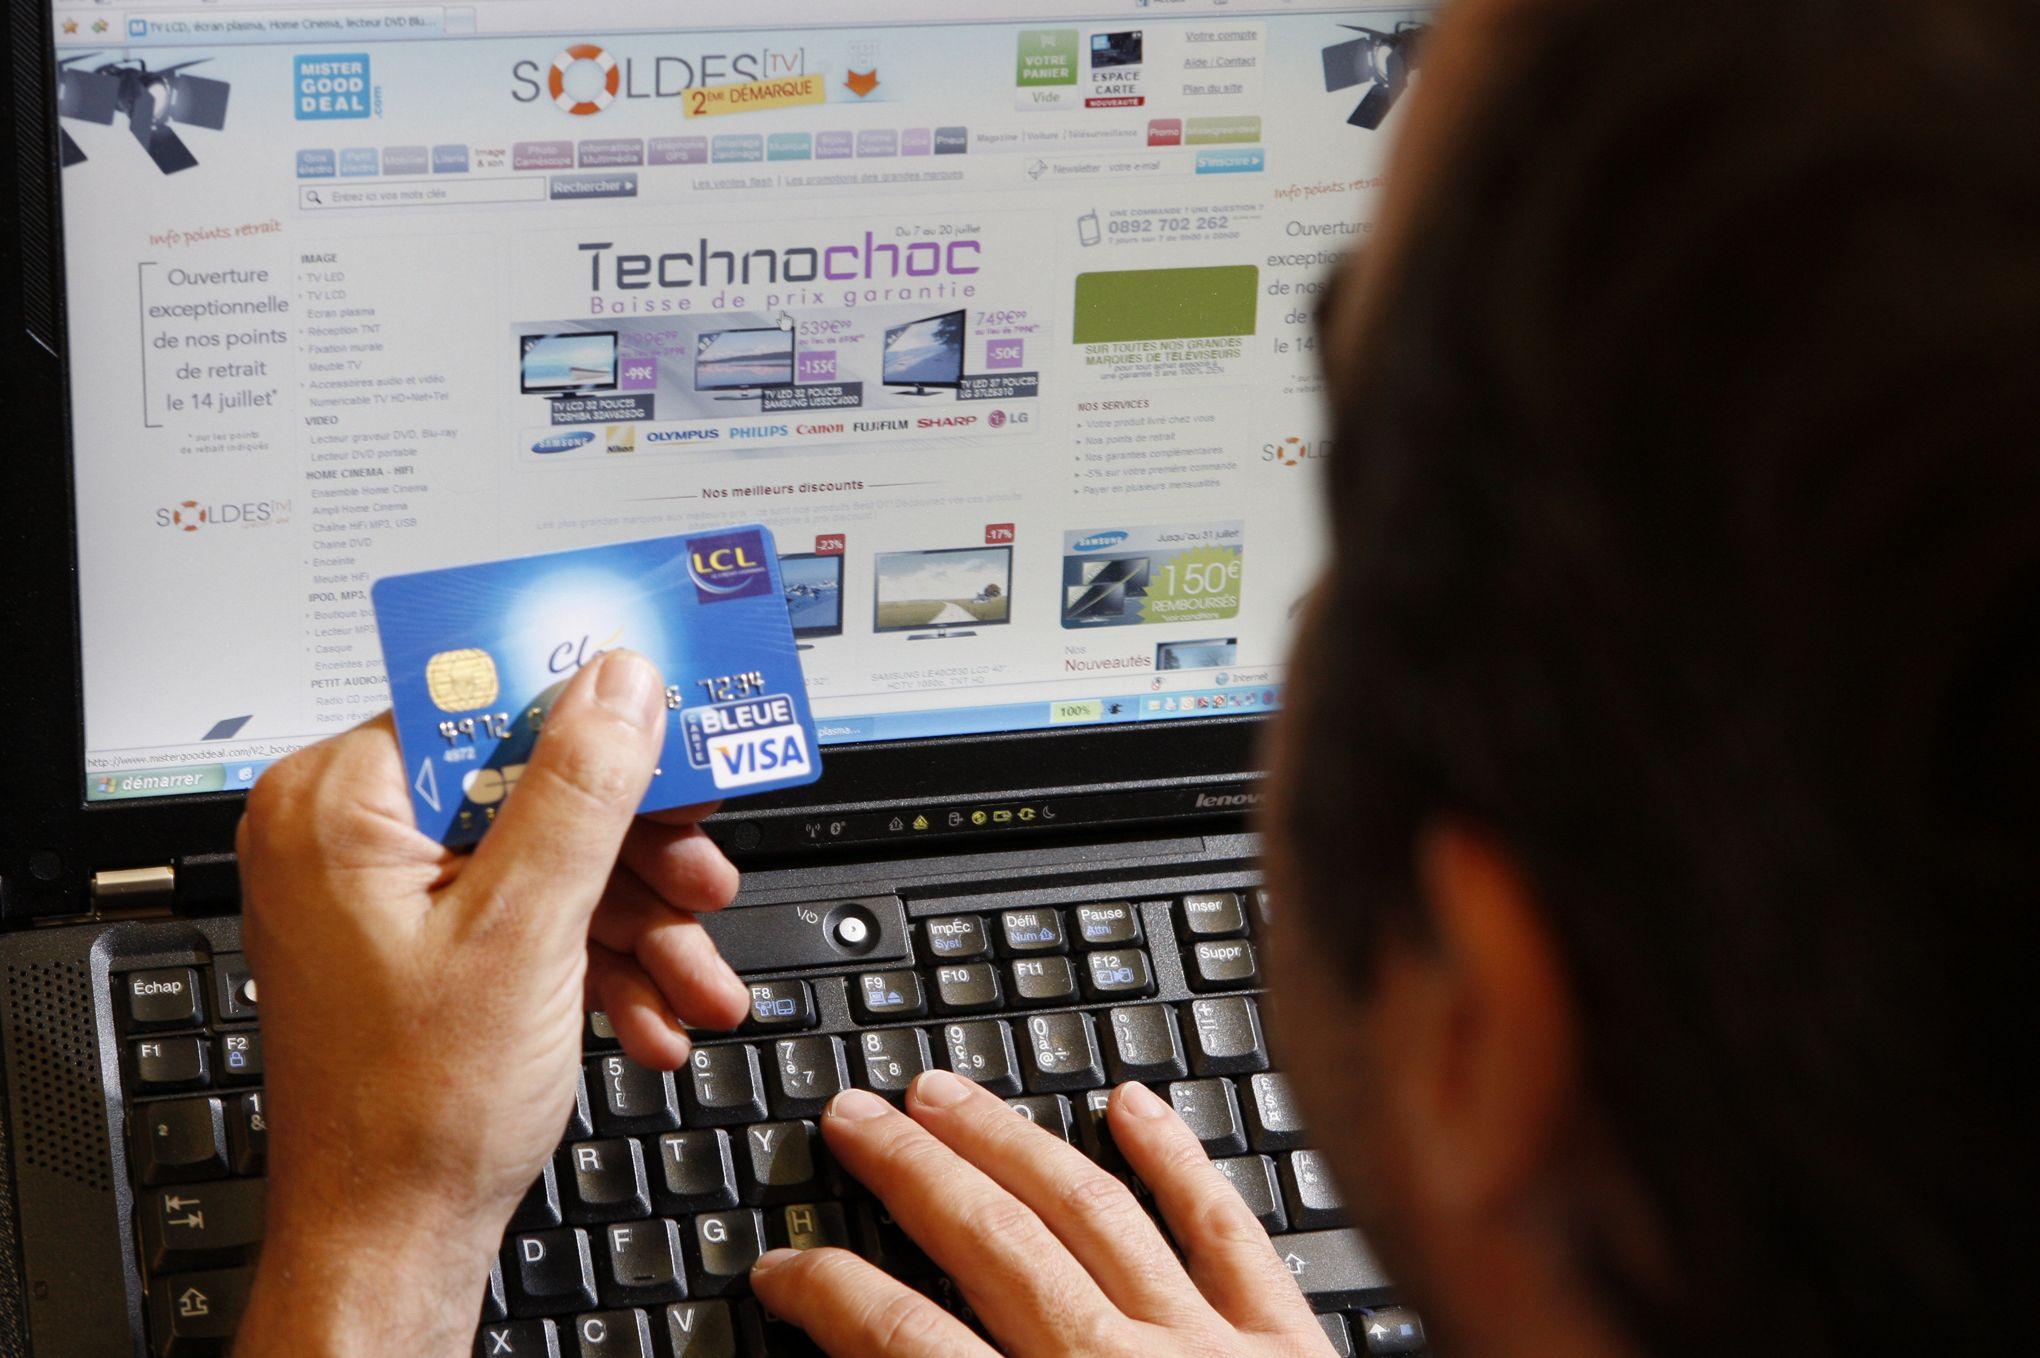 Amazon, H M, Zalando... 19 sociétés condamnées pour de faux soldes 82a4673c31e6